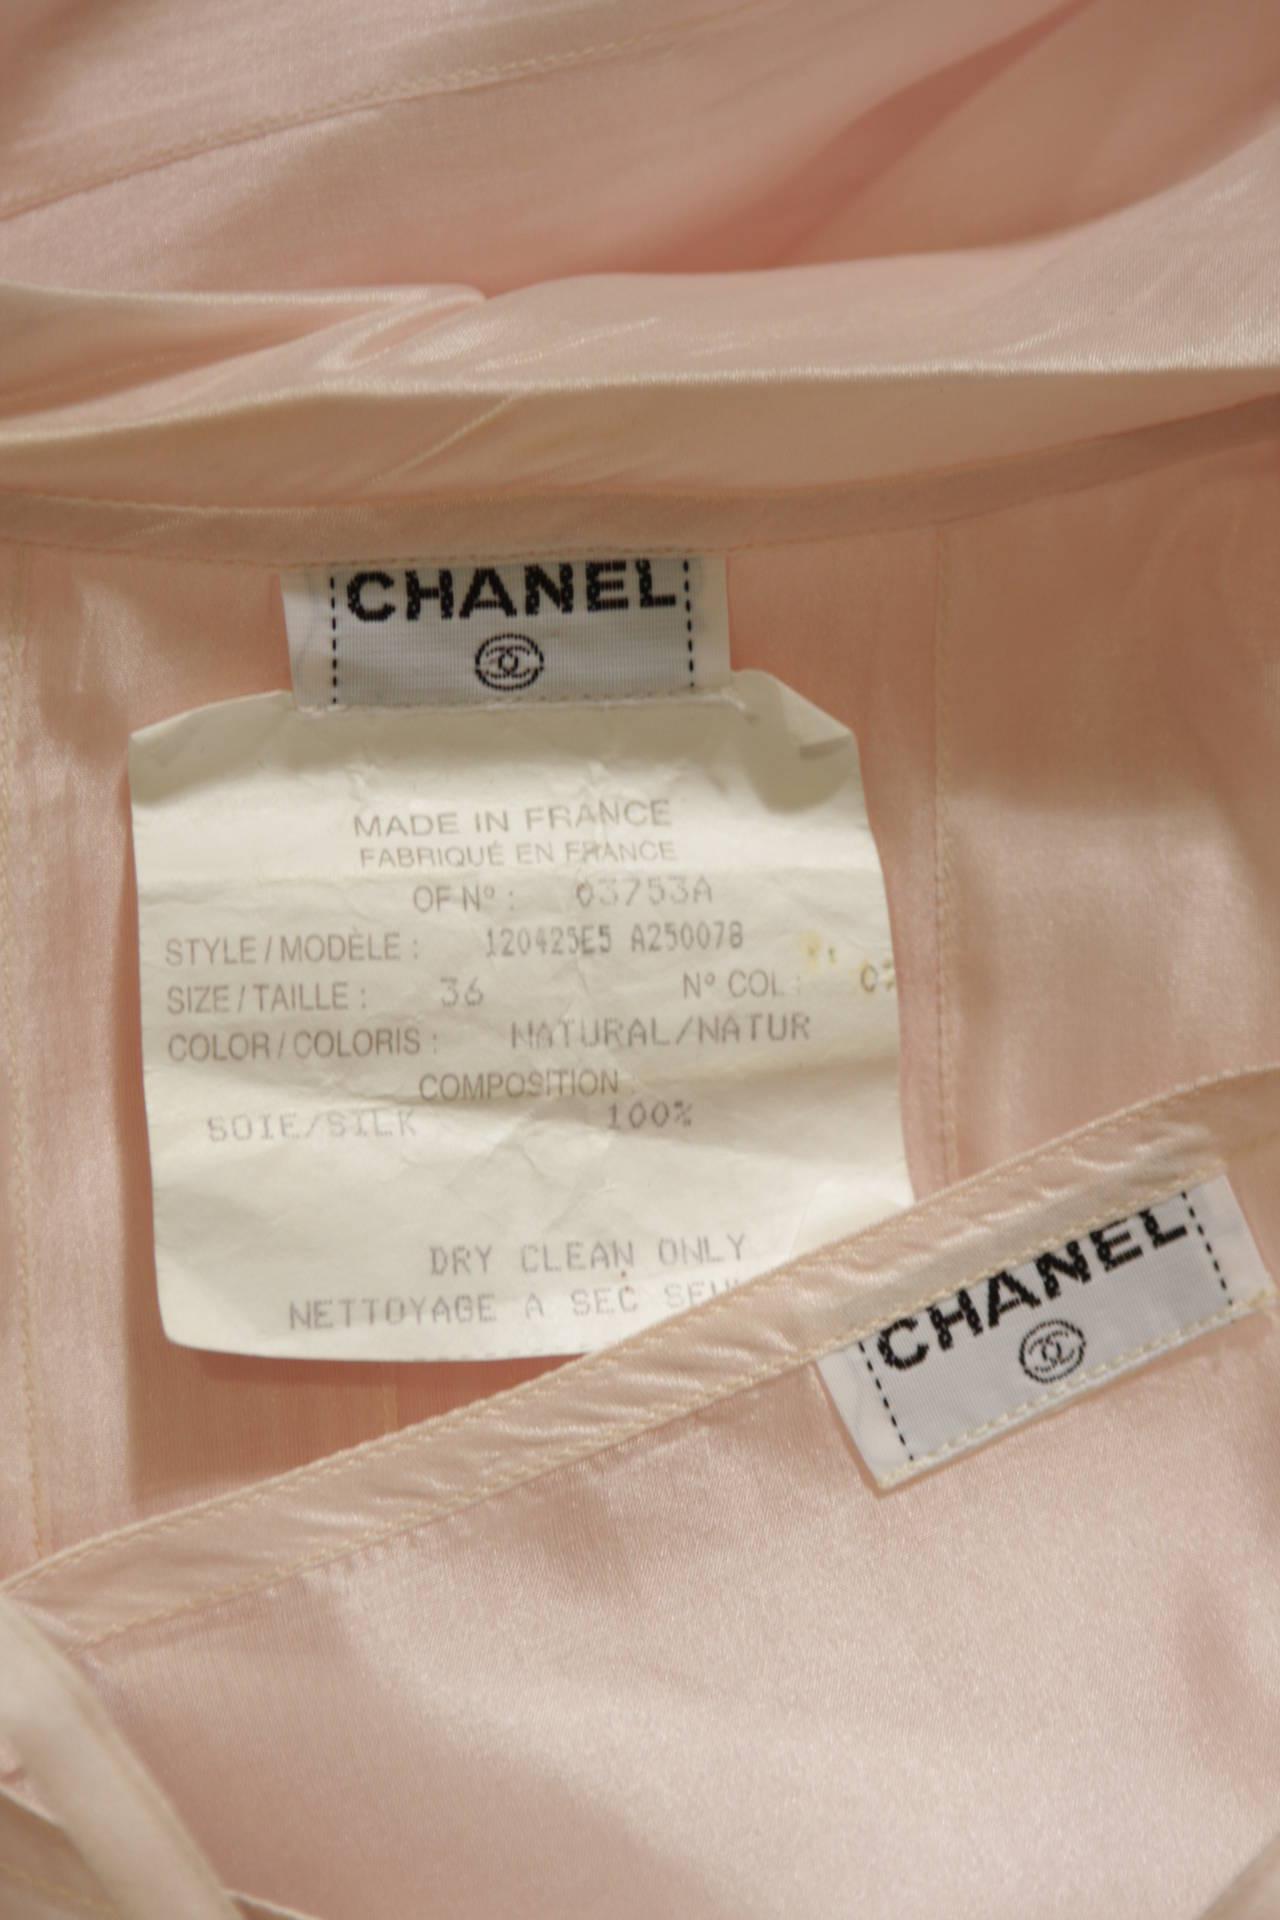 Chanel 3 Piece Pink Silk Organza Tie Neck Blouse & Camisole Set Size 36 10